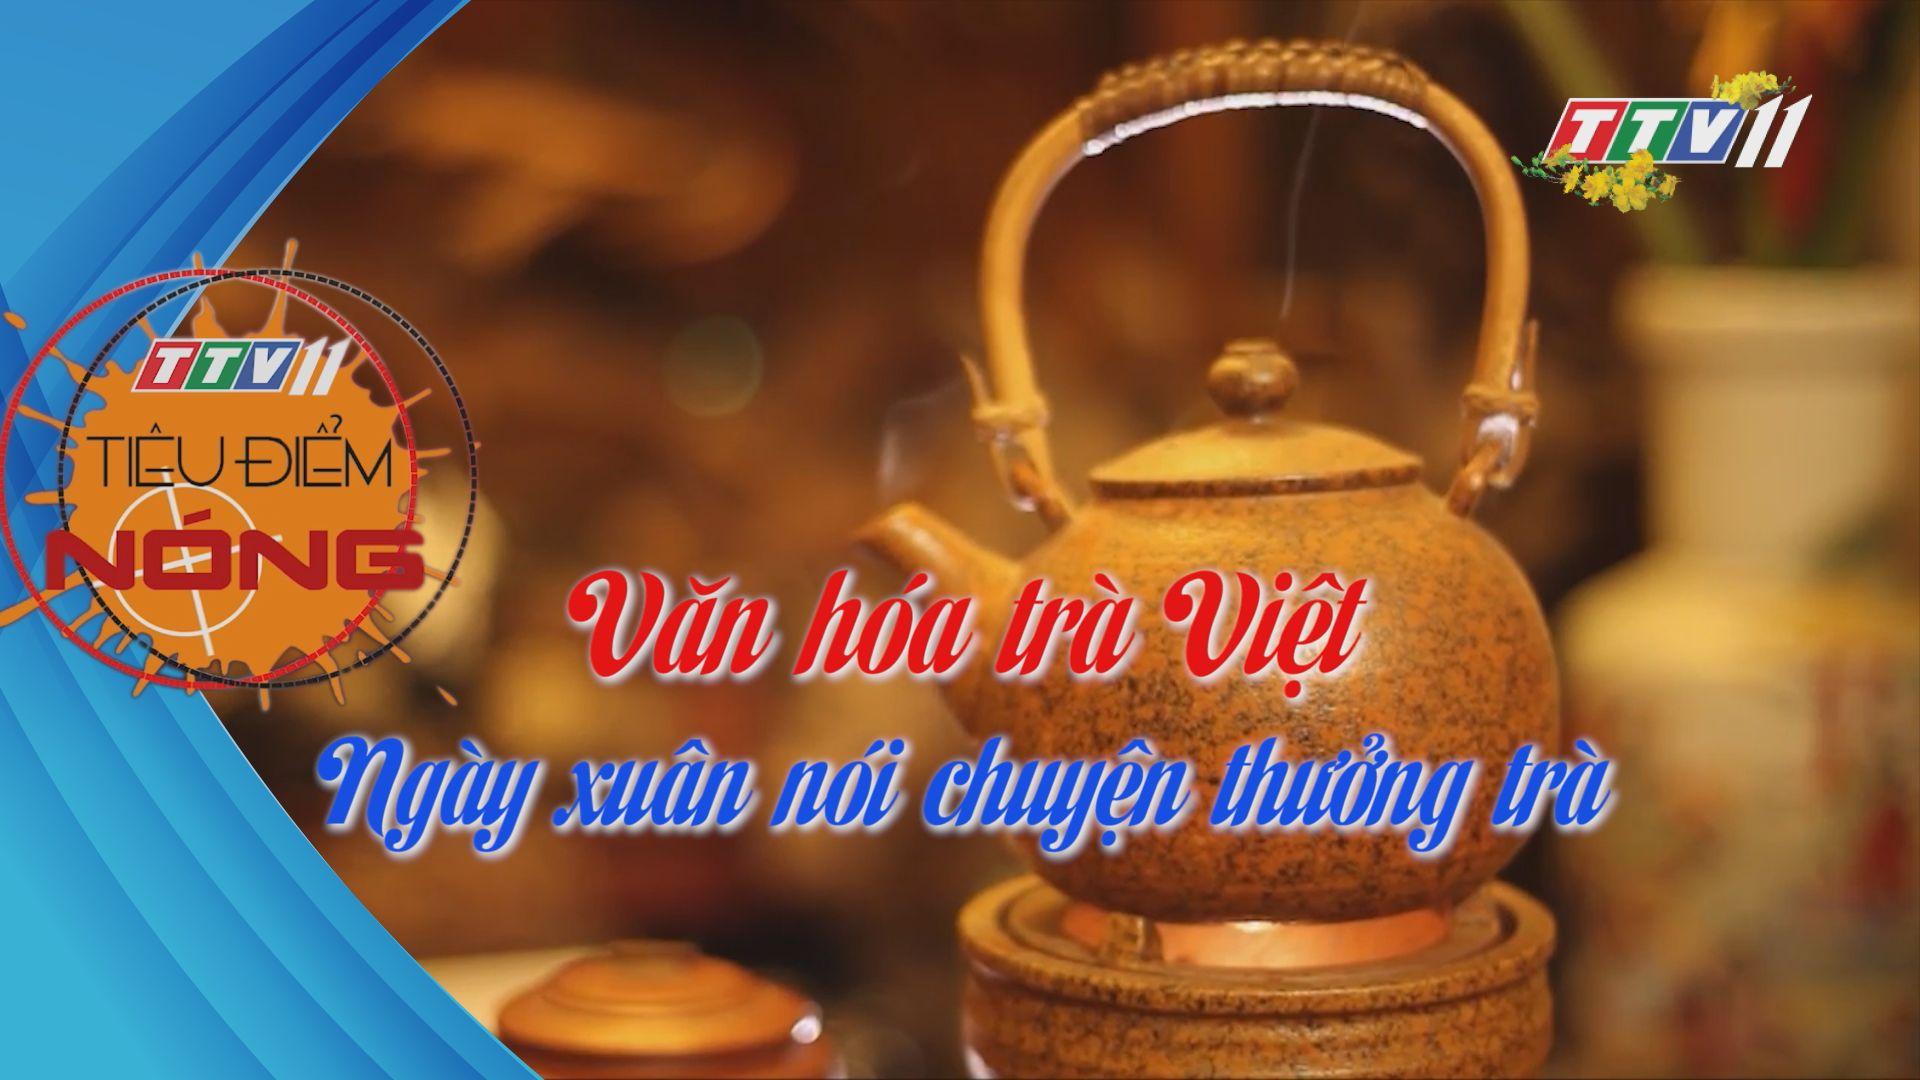 Văn hóa trà Việt ngày xuân nói chuyện thưởng trà | Tiêu điểm nóng | TayNinhTV